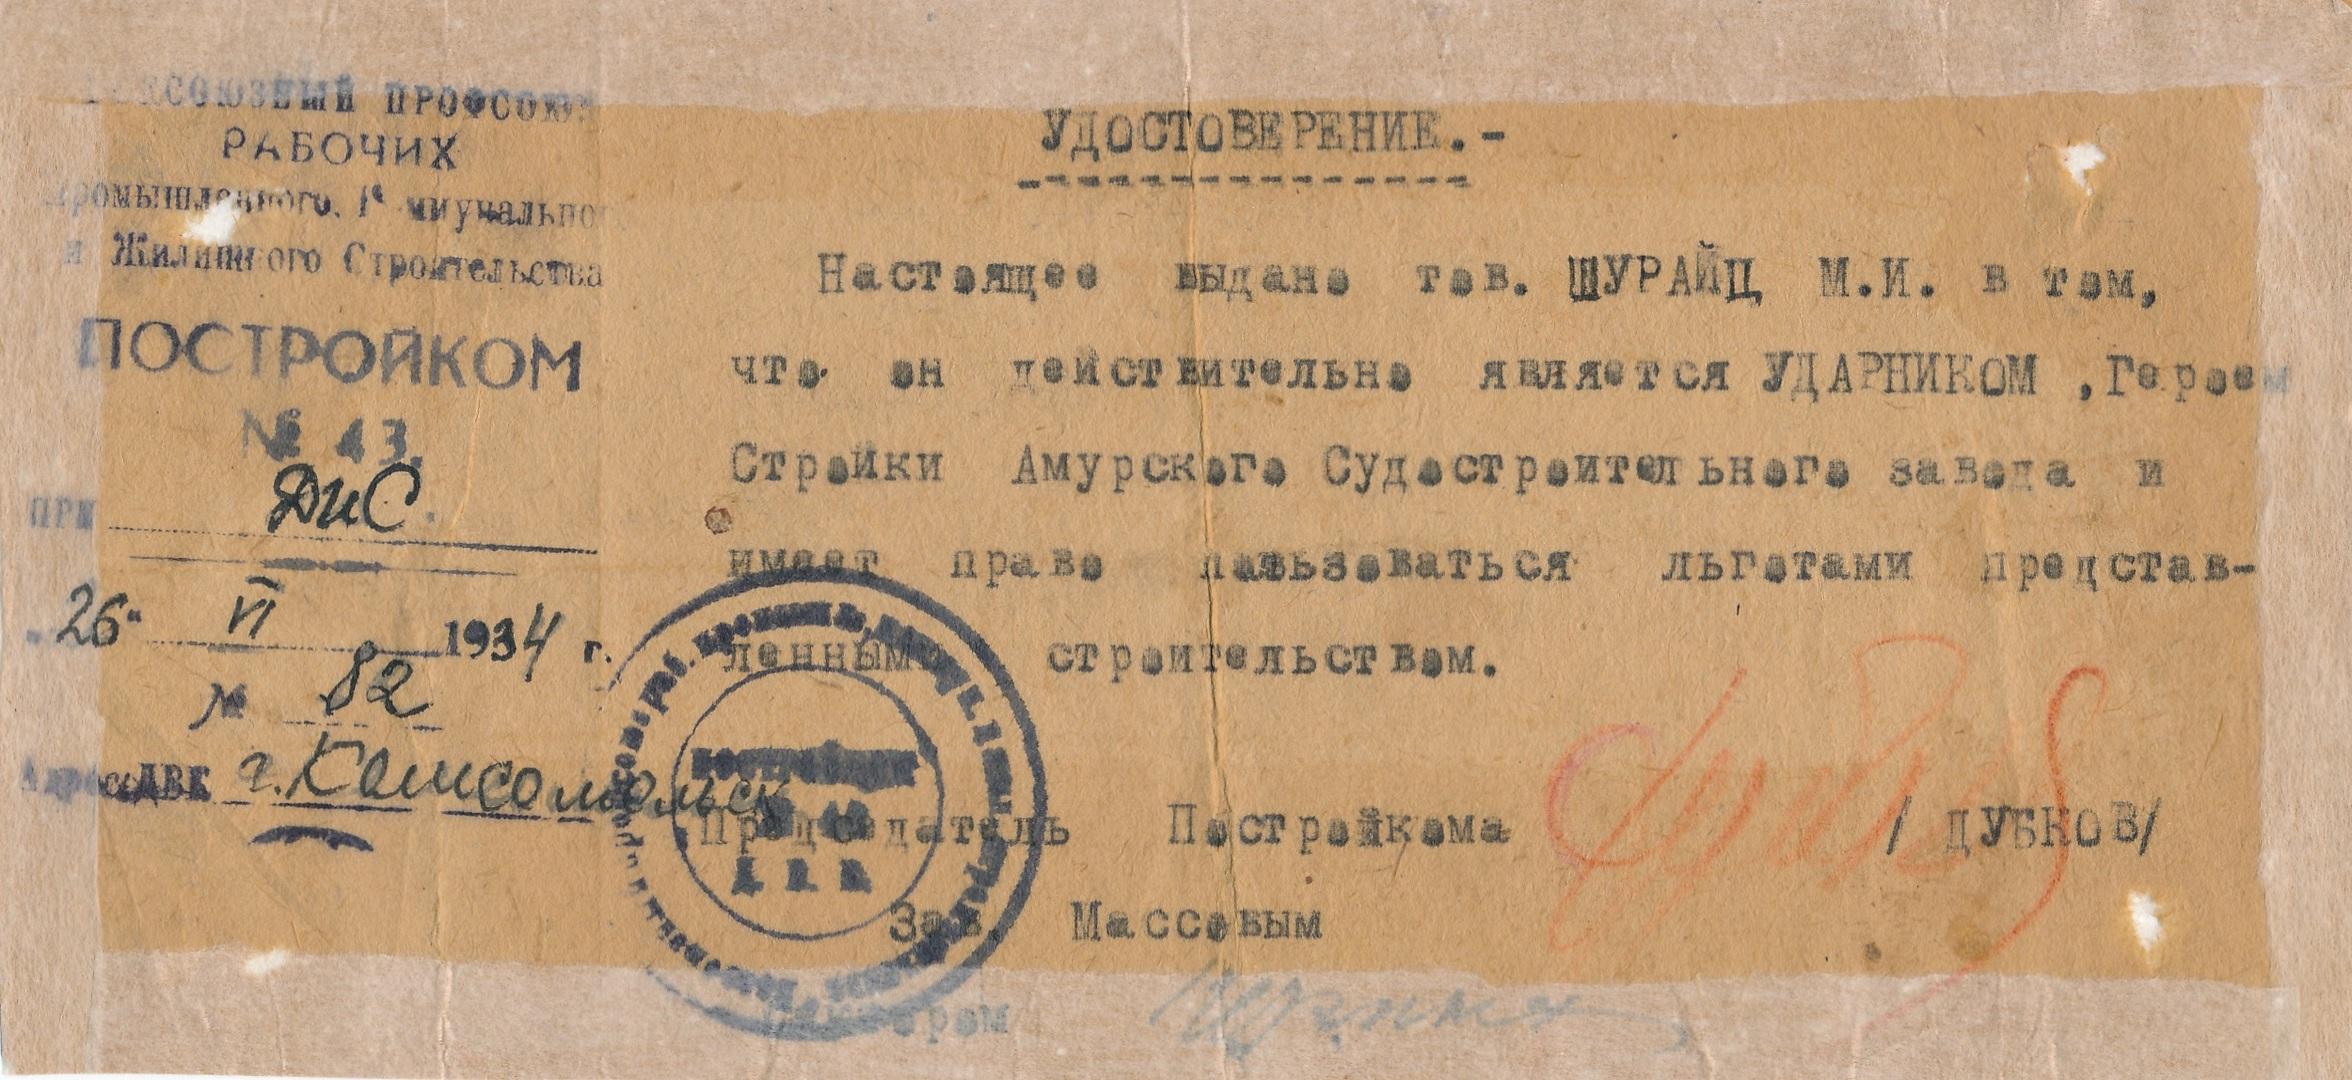 Удостоверение №82 профсоюза рабочих